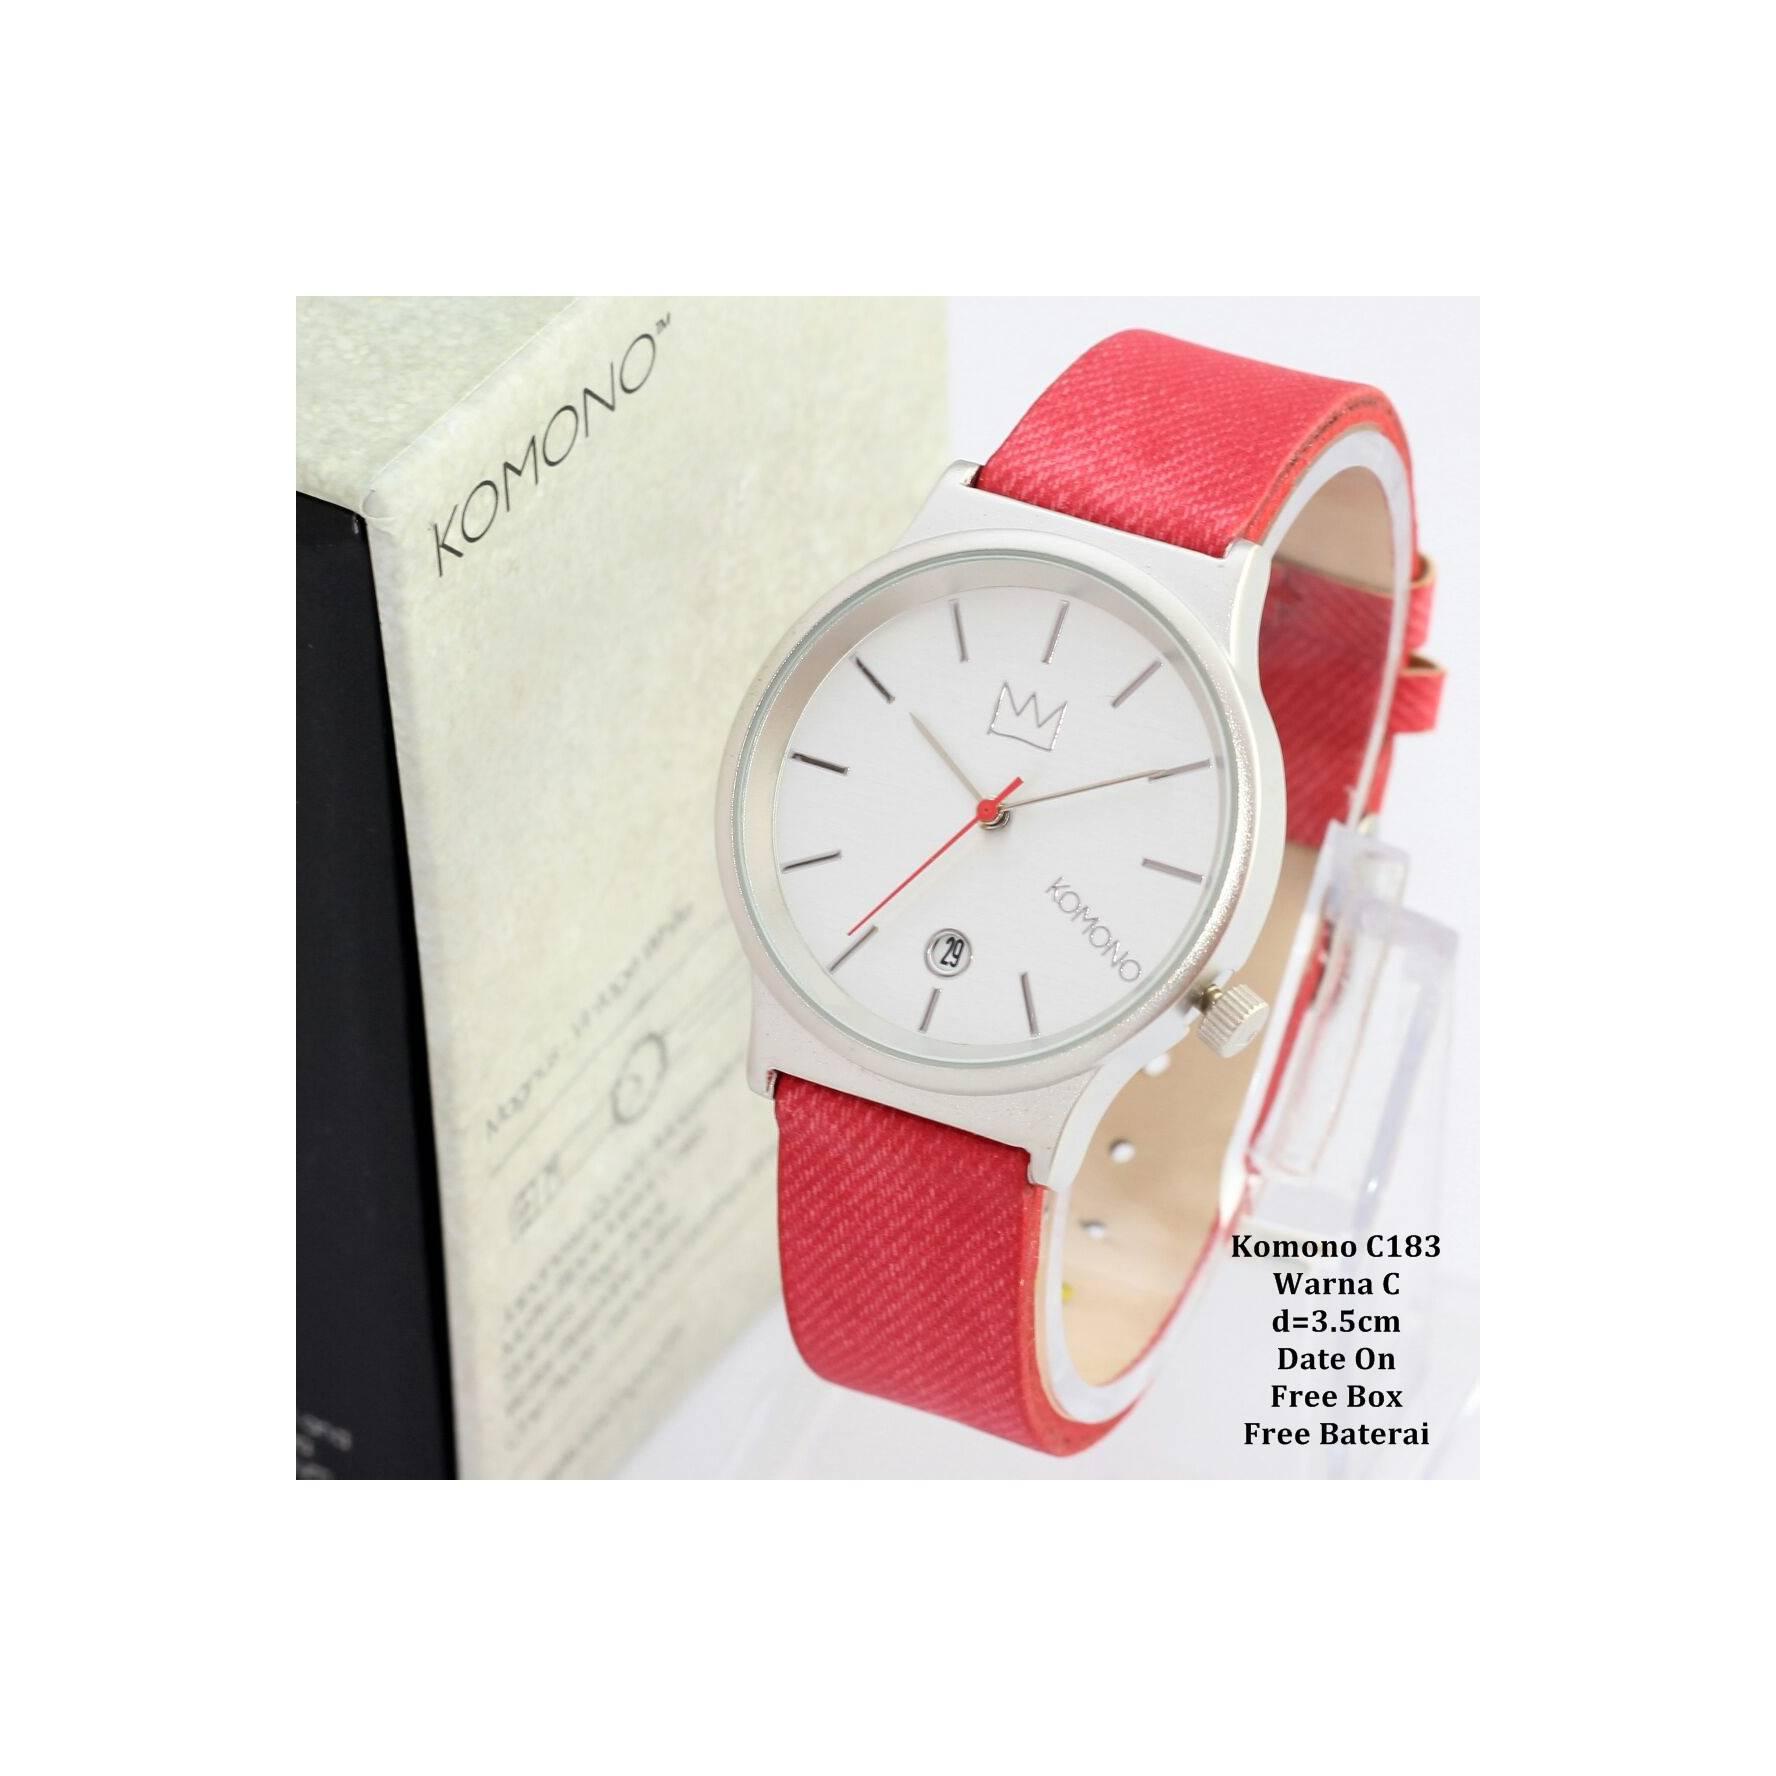 Jam tangan wanita / Cewek / Jam Murah Komono Queen Red Color + Box